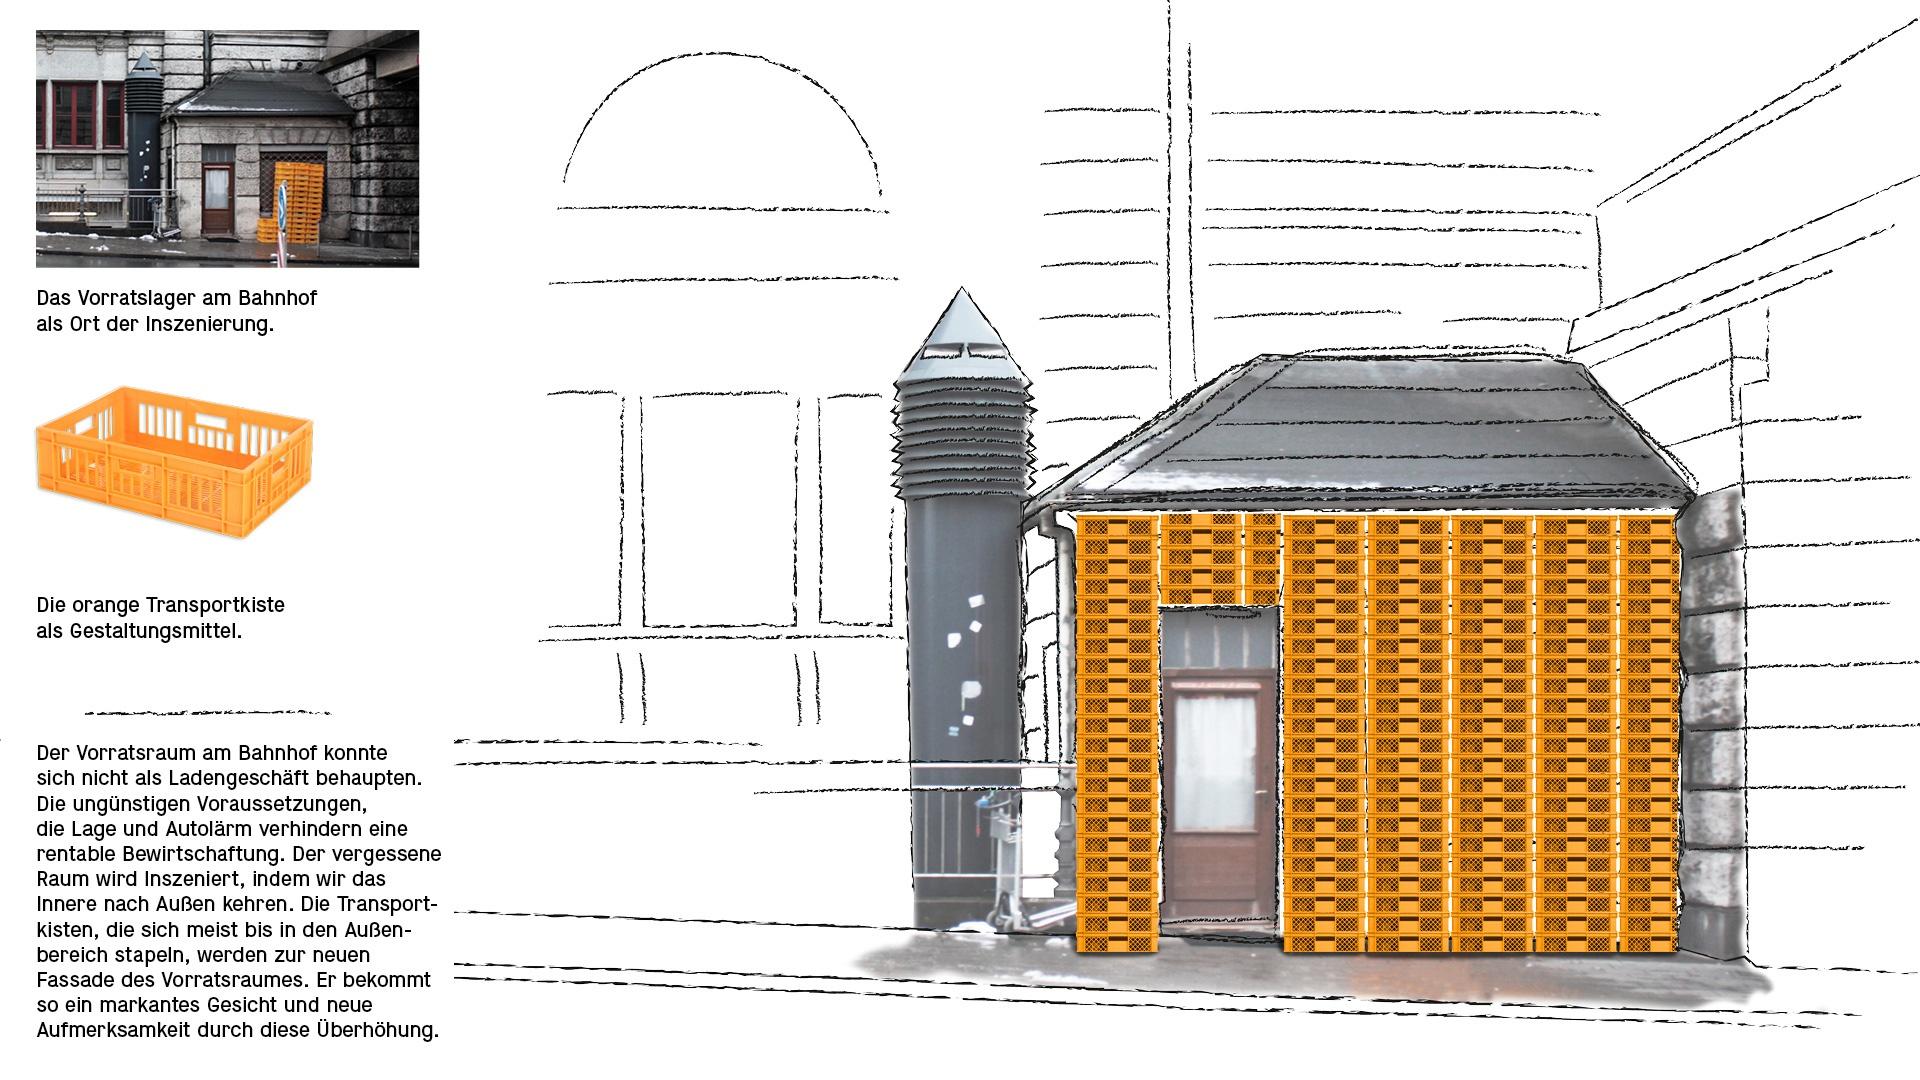 Das Vorratslager am Bahnhof als Ort der Inszenierung. Die orange Transportkiste als Gestaltungsmittel.